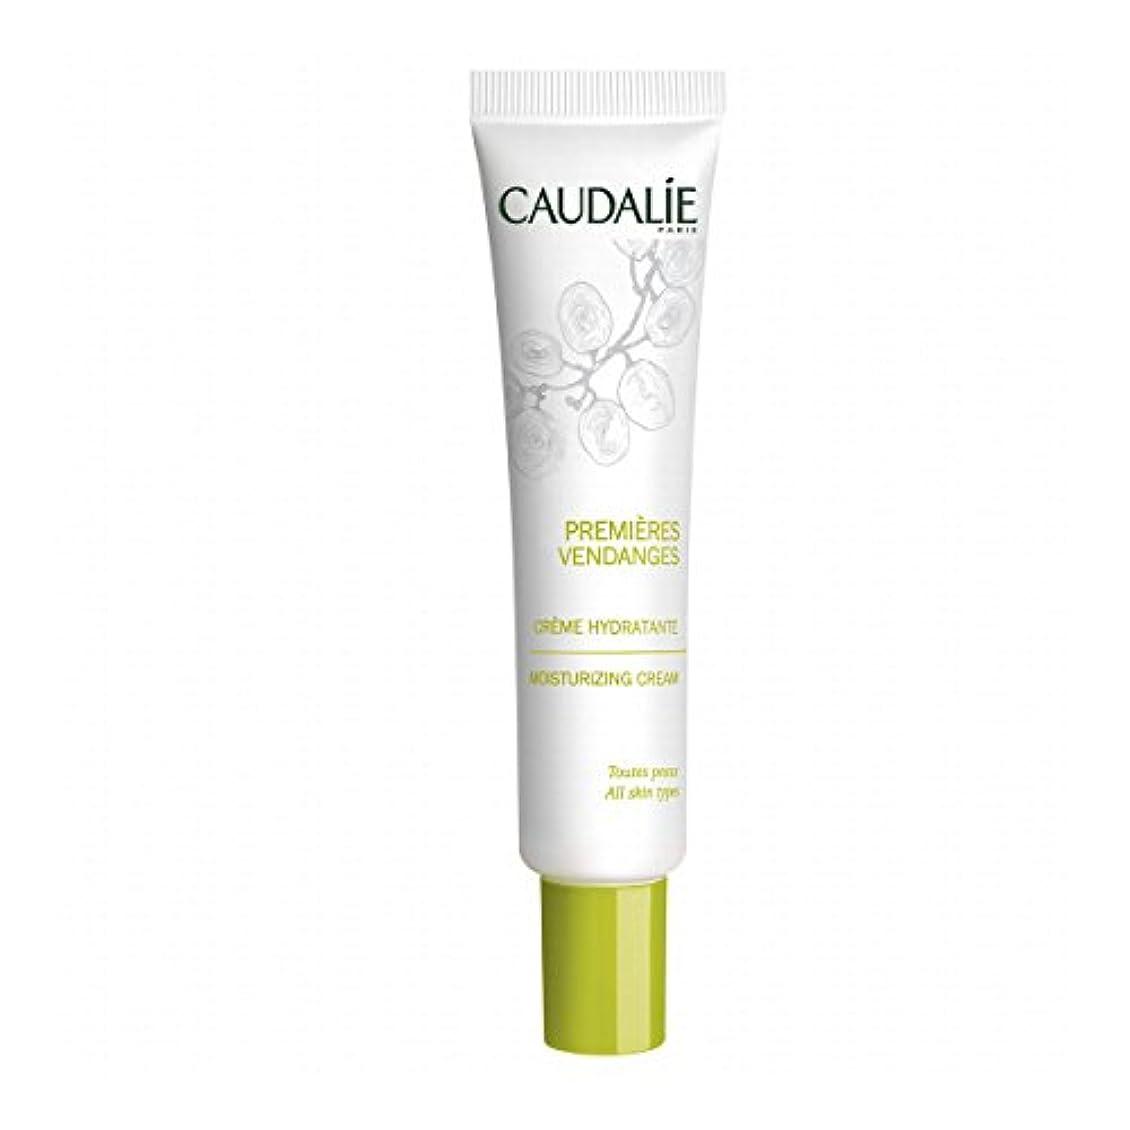 快い翻訳する膨らみCaudalie Premieres Vendanges Moisturizing Cream 40ml [並行輸入品]